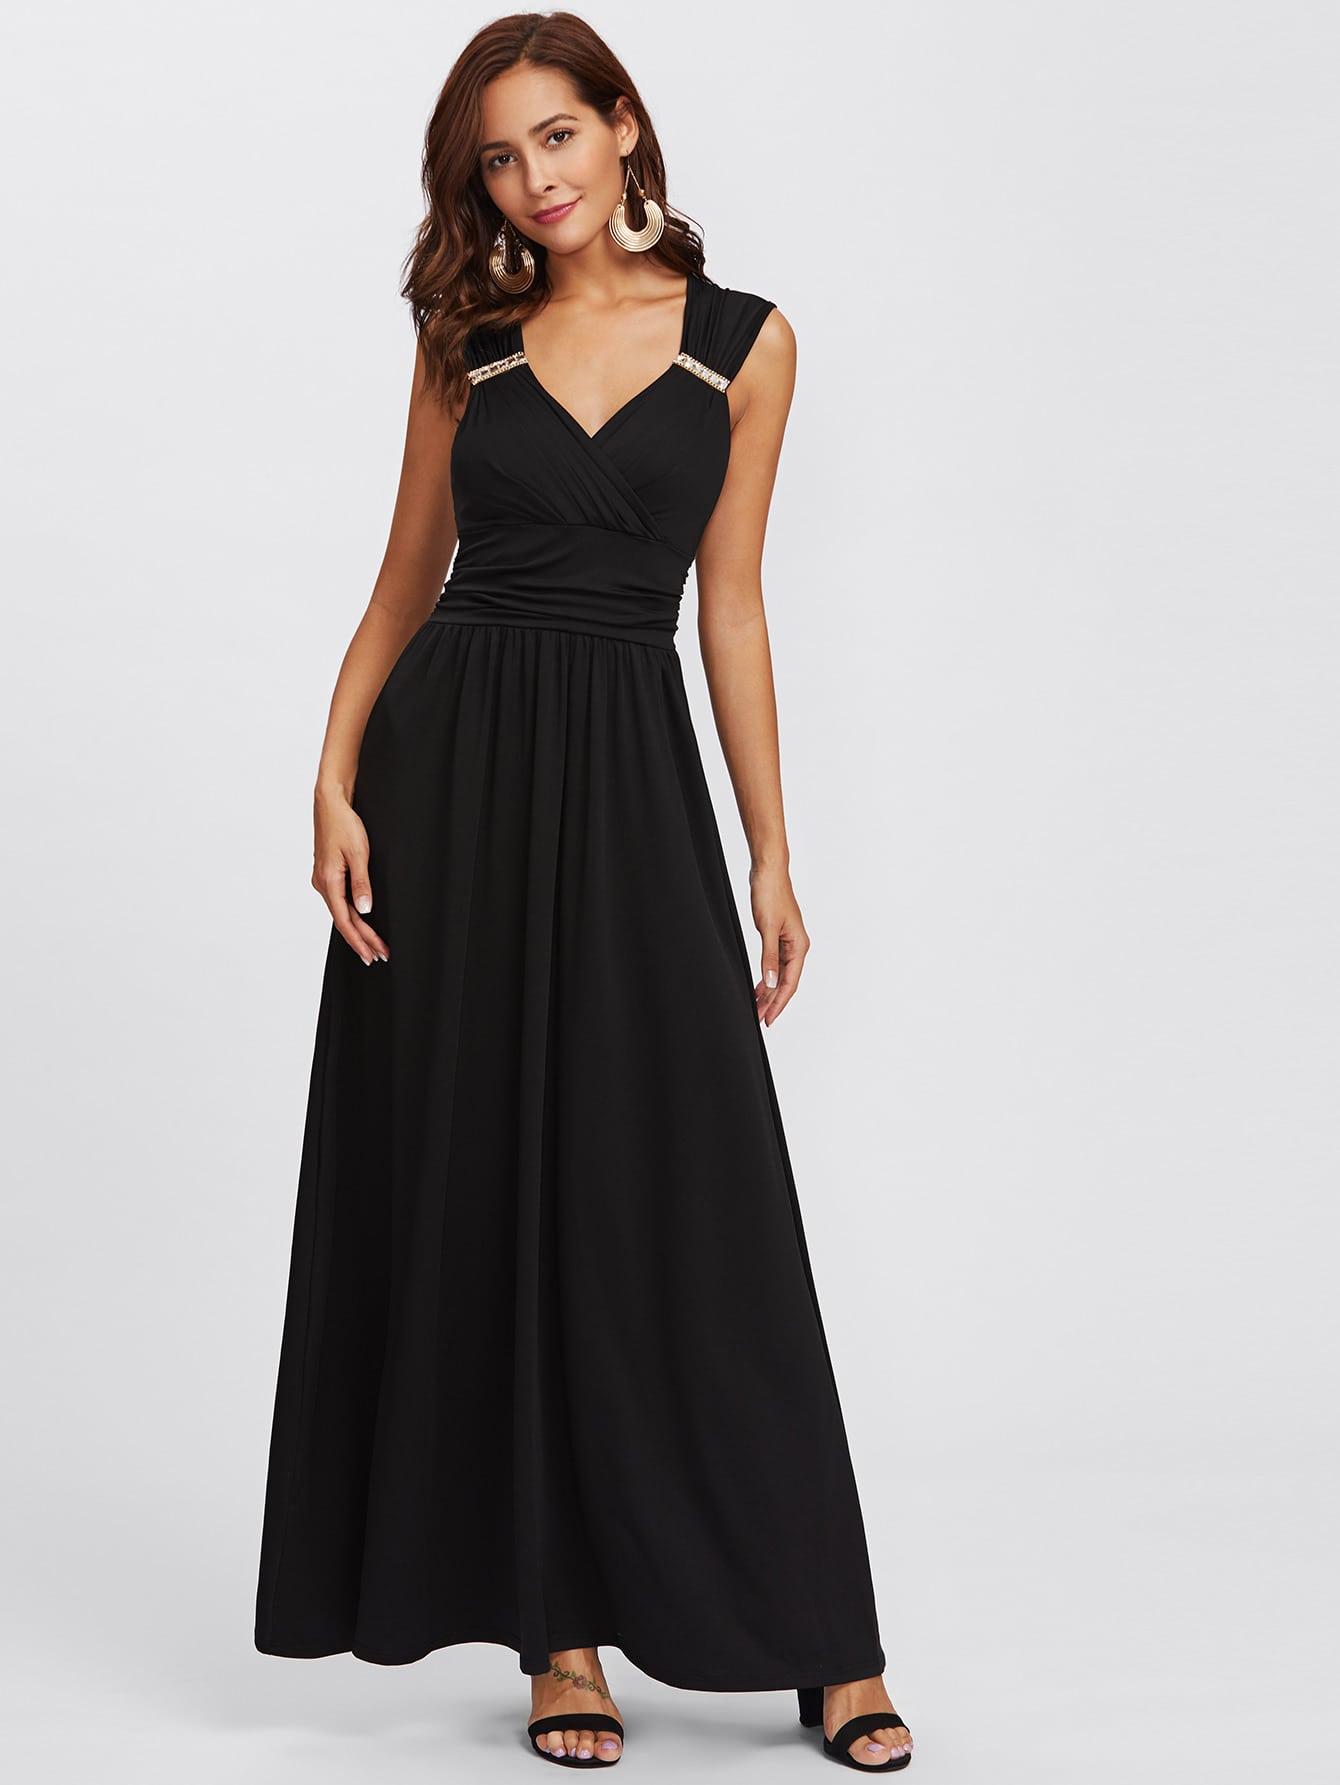 Rhinestone Detail Open Back Dress dress171124464